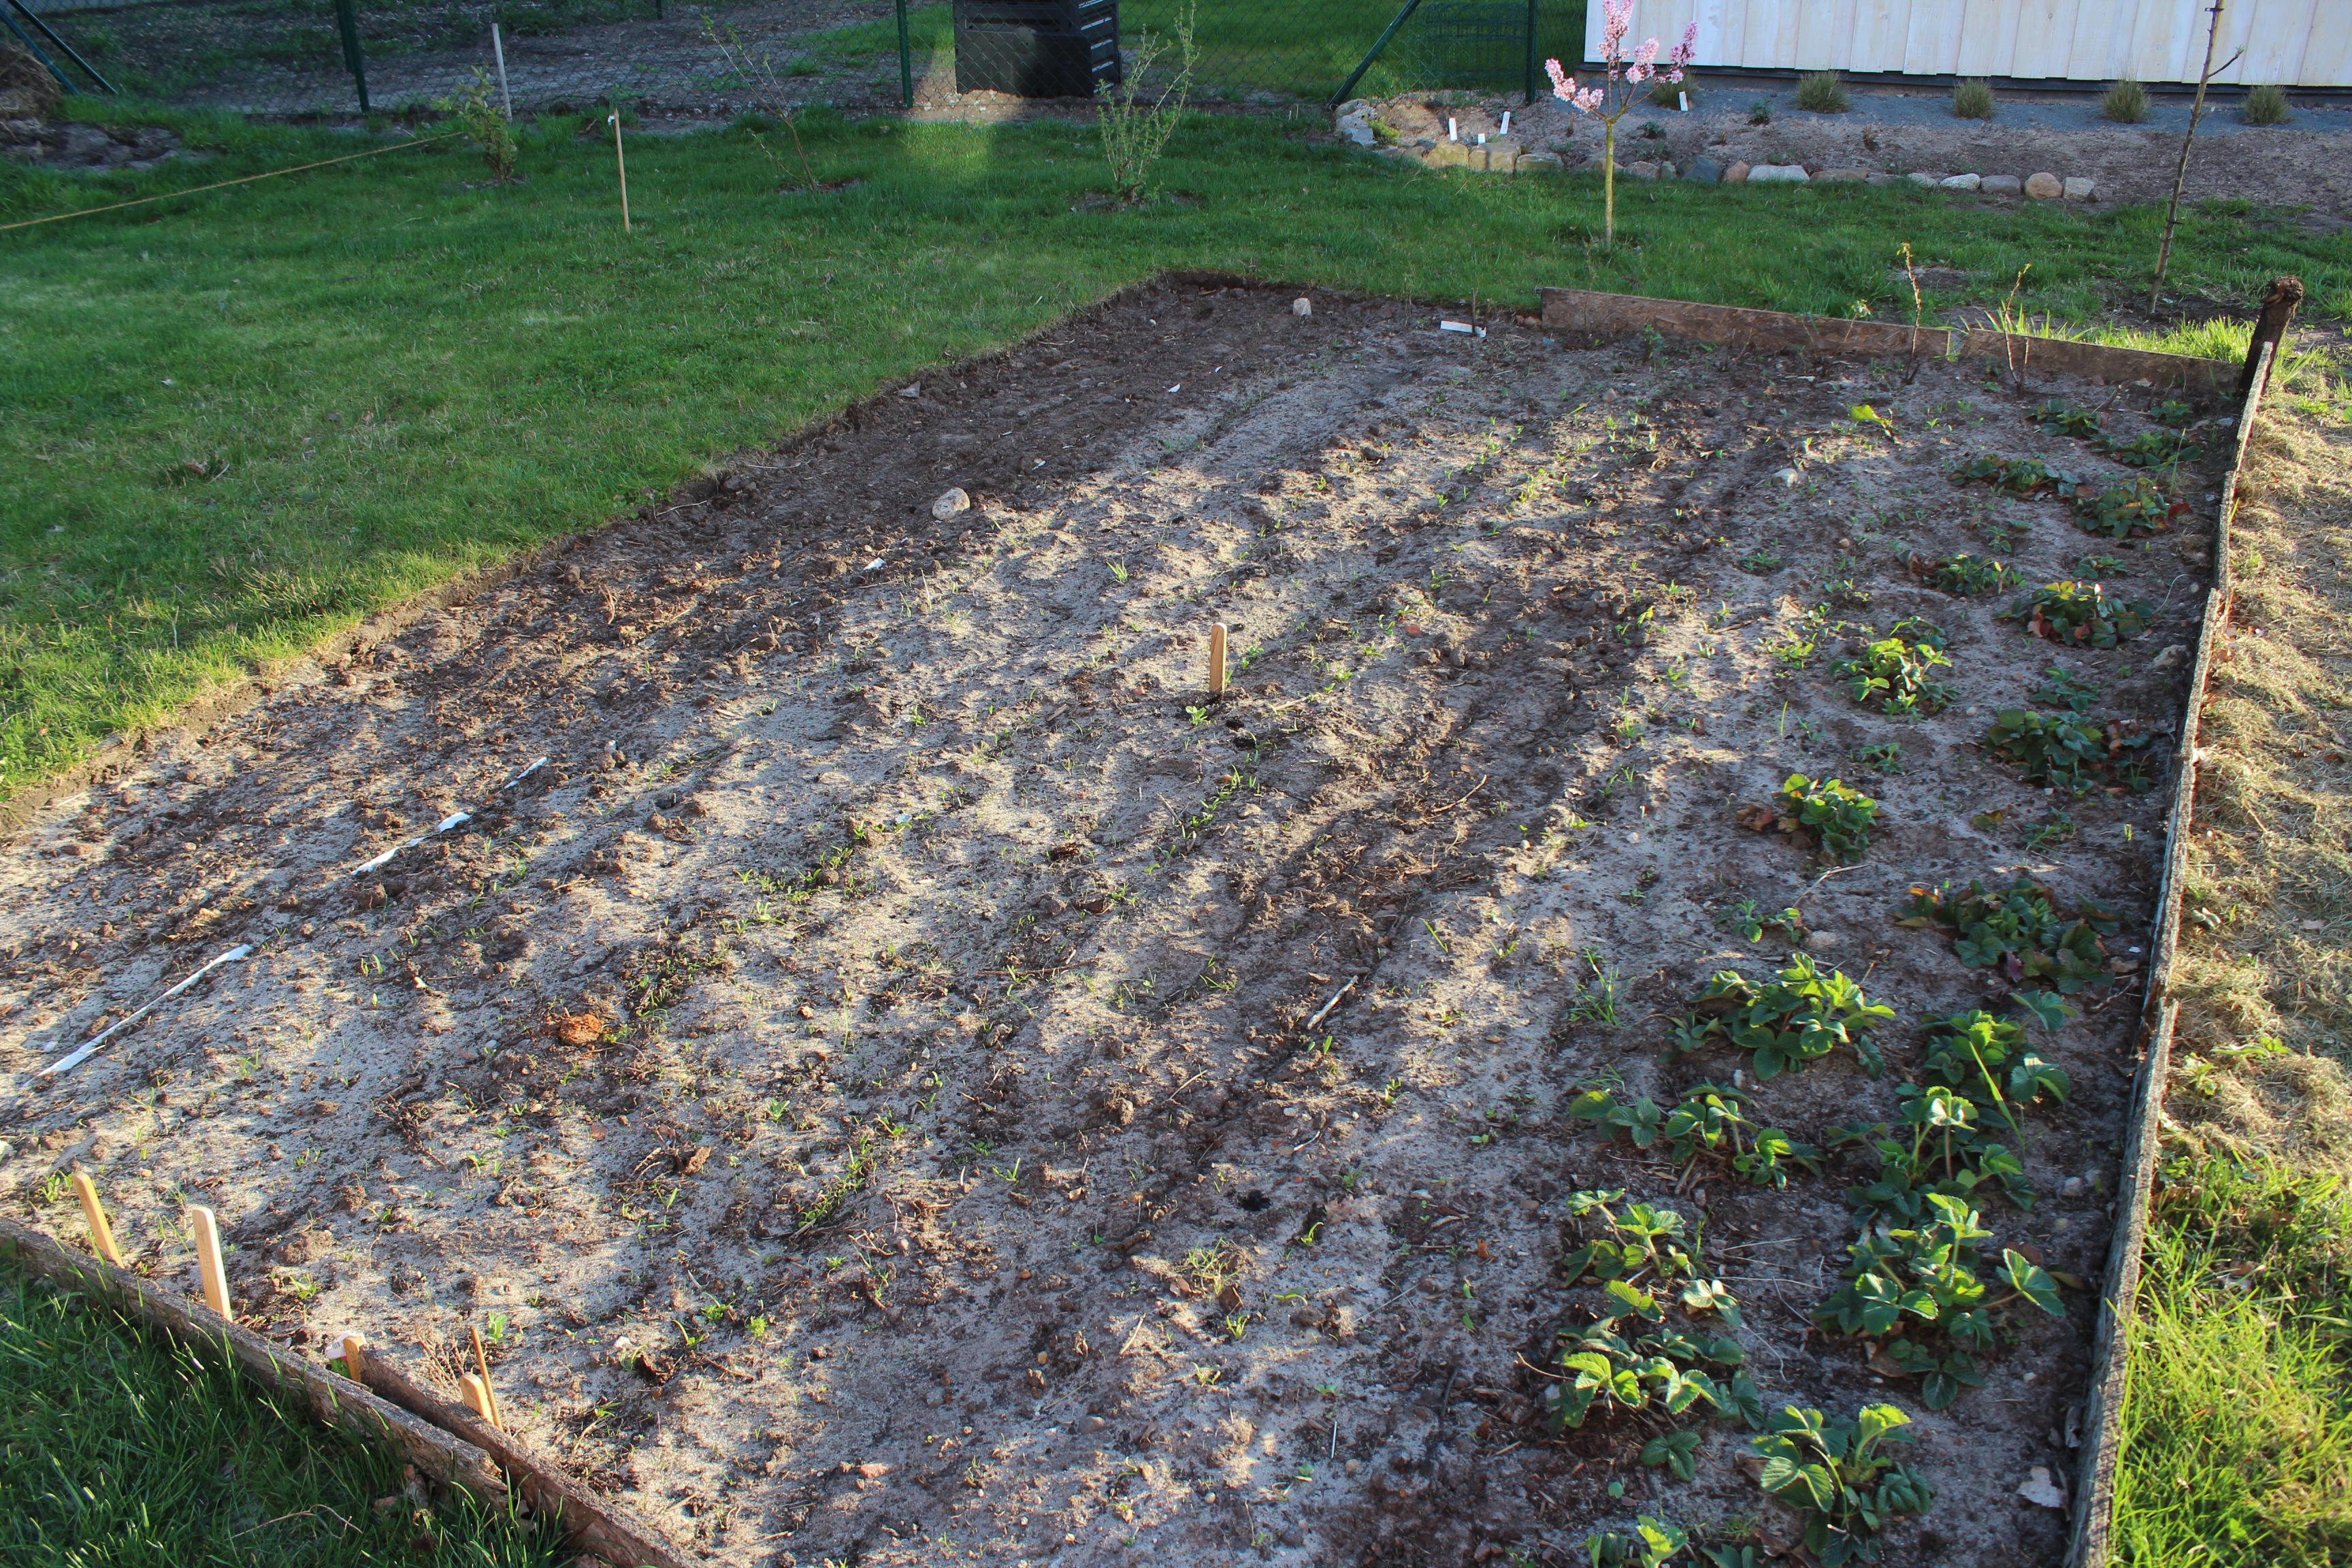 Der Spinat wächst. Auch Erbsen, Radieschen, Salat und dicke Bohnen zeigen ihre Köpfchen.